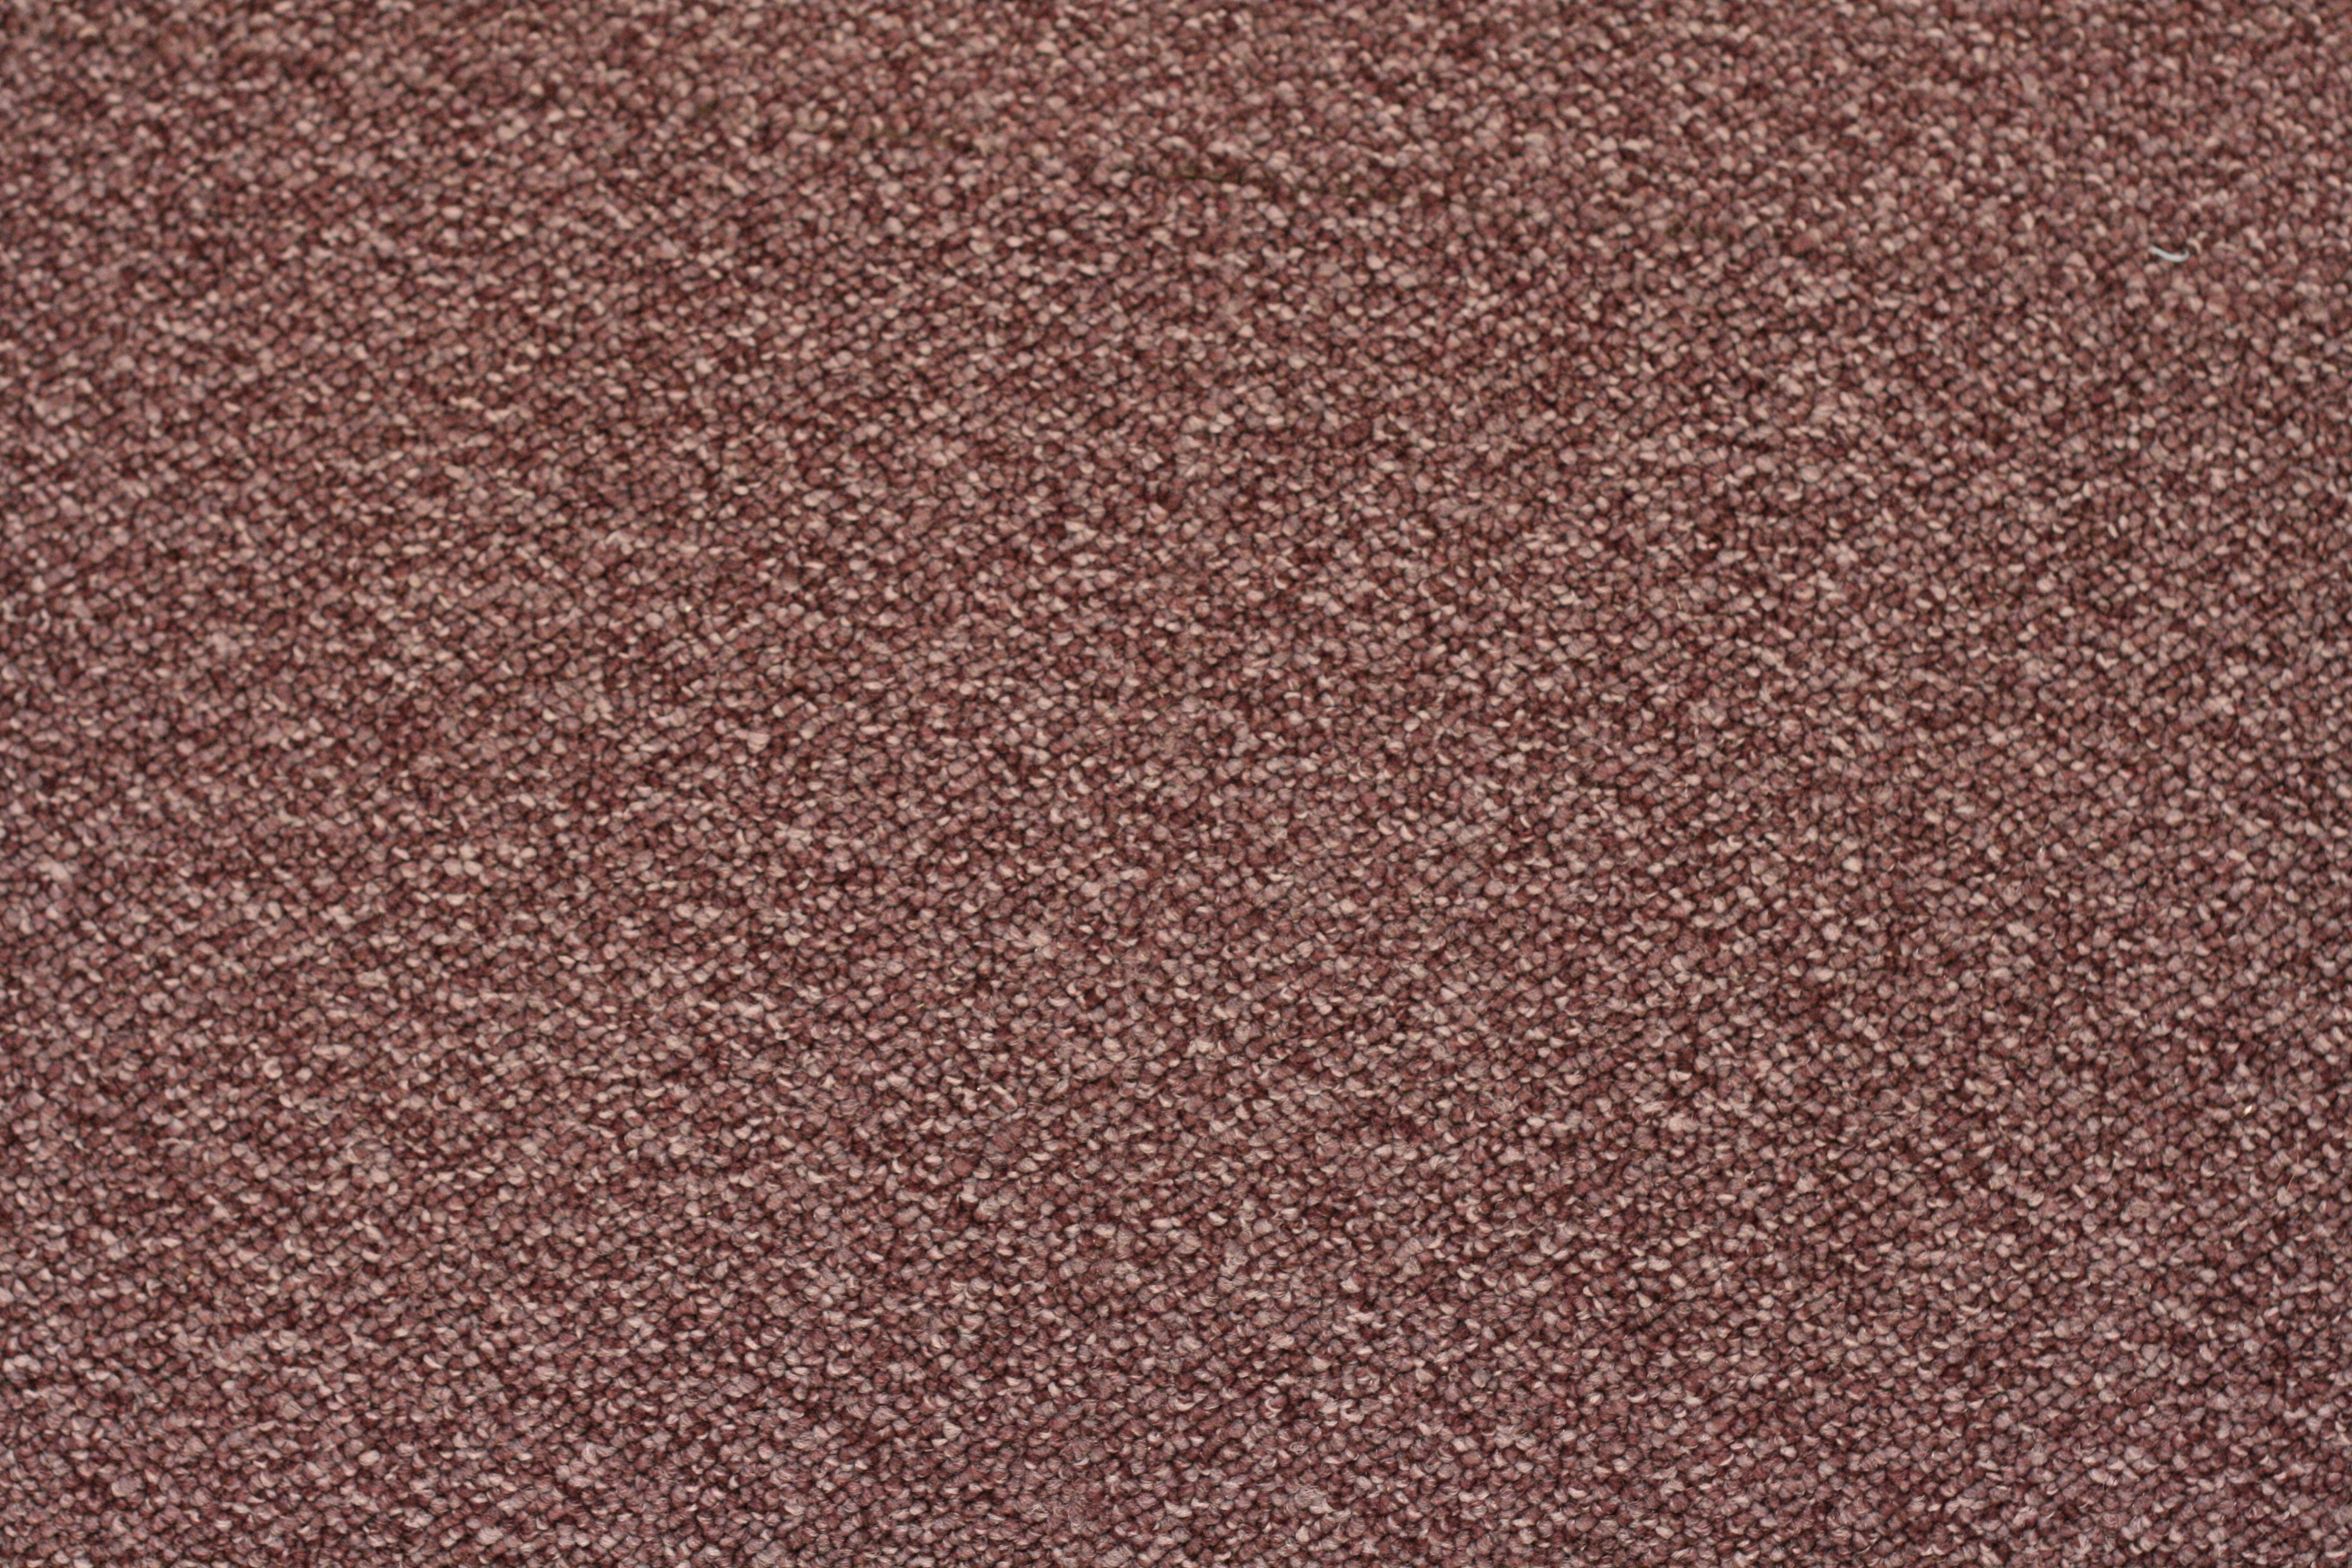 Carpet Google Search